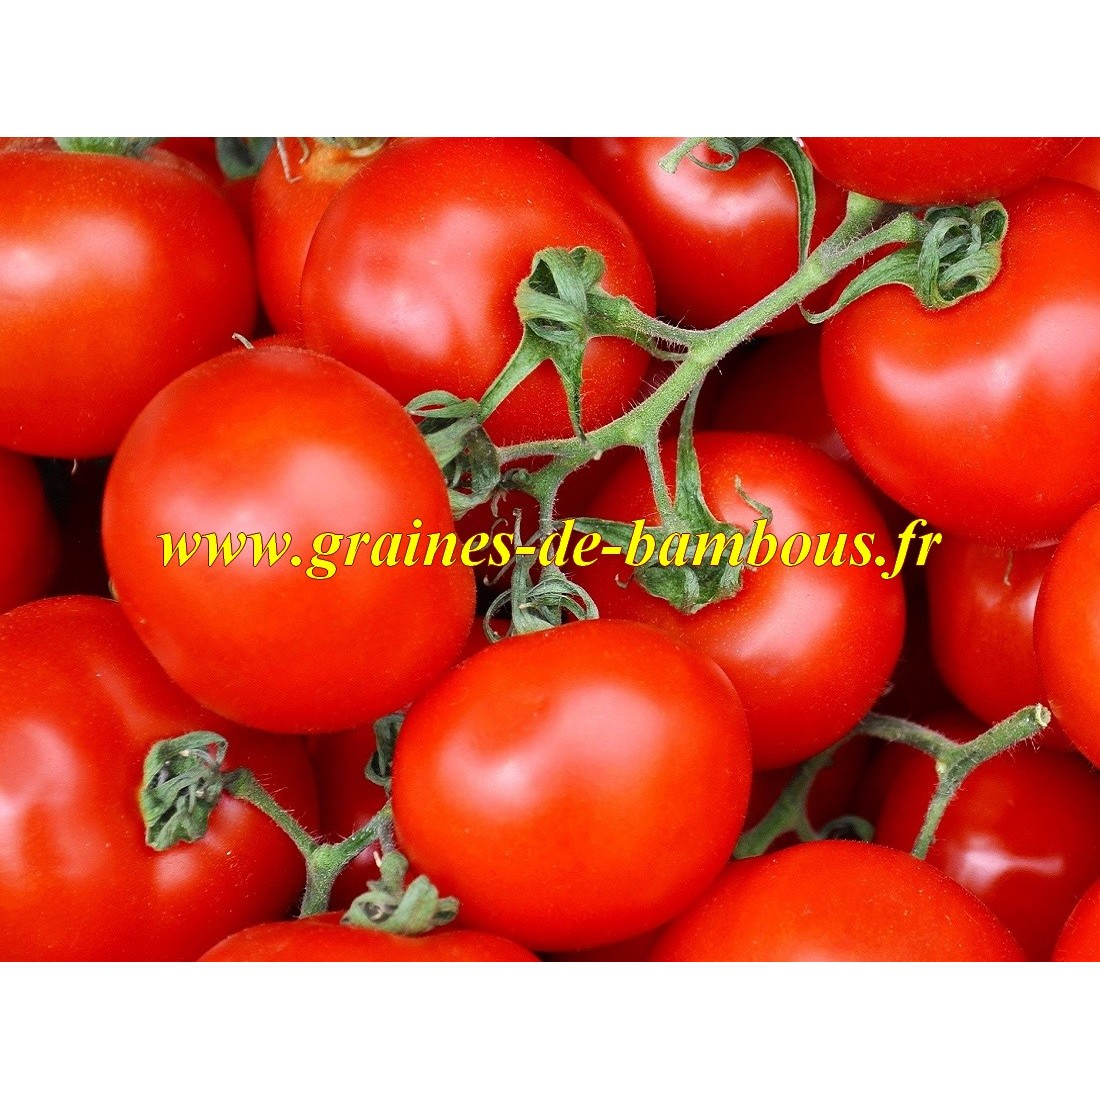 Graines de tomate de siberie ou siberian